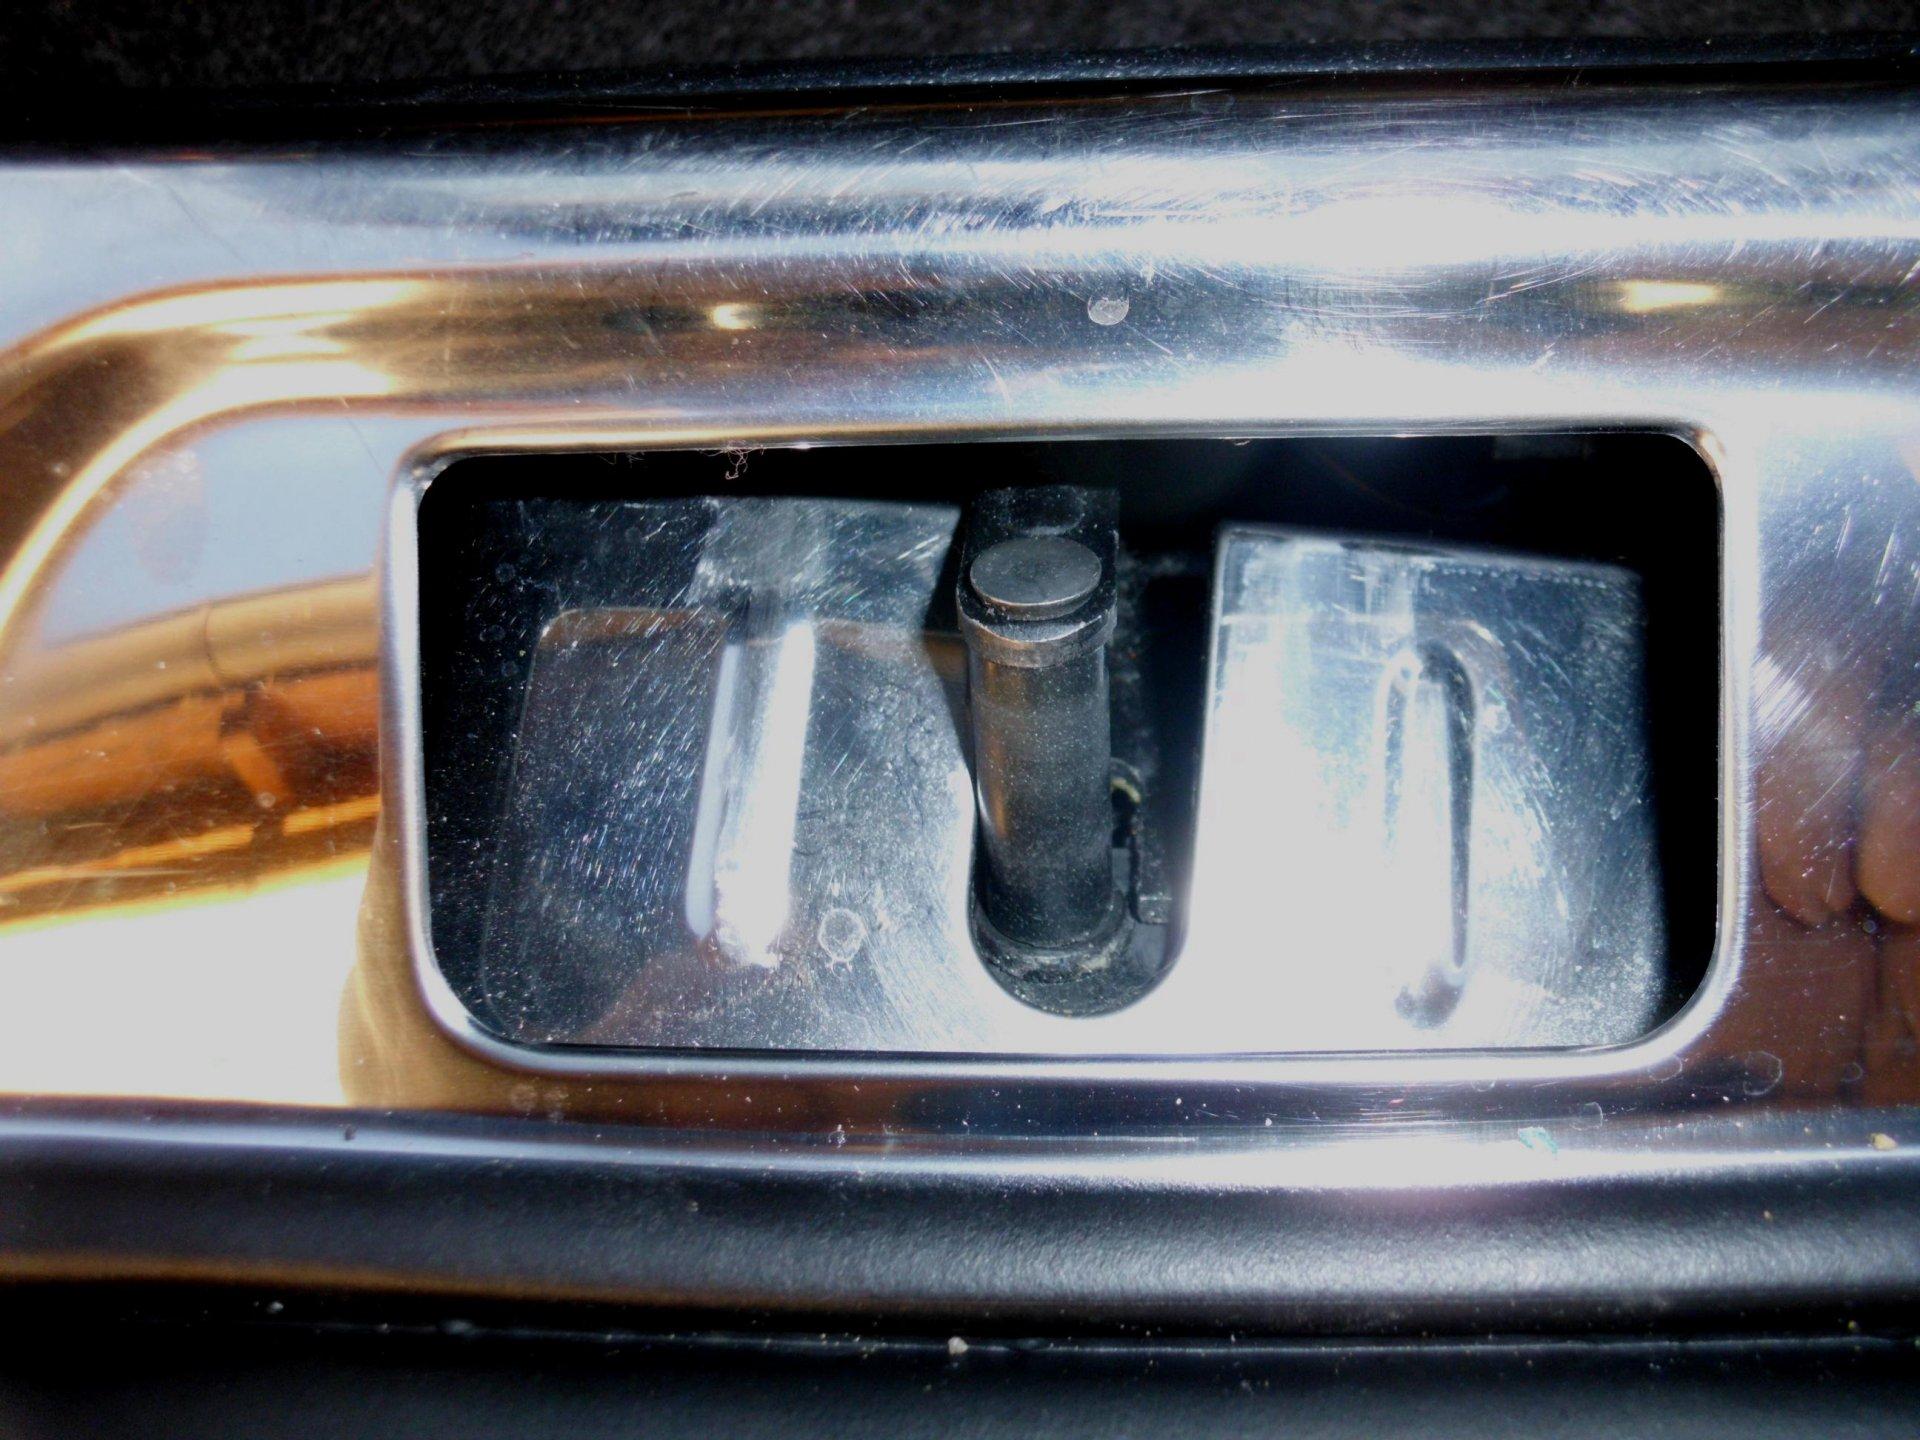 Kofferraum-Verriegelung.jpg